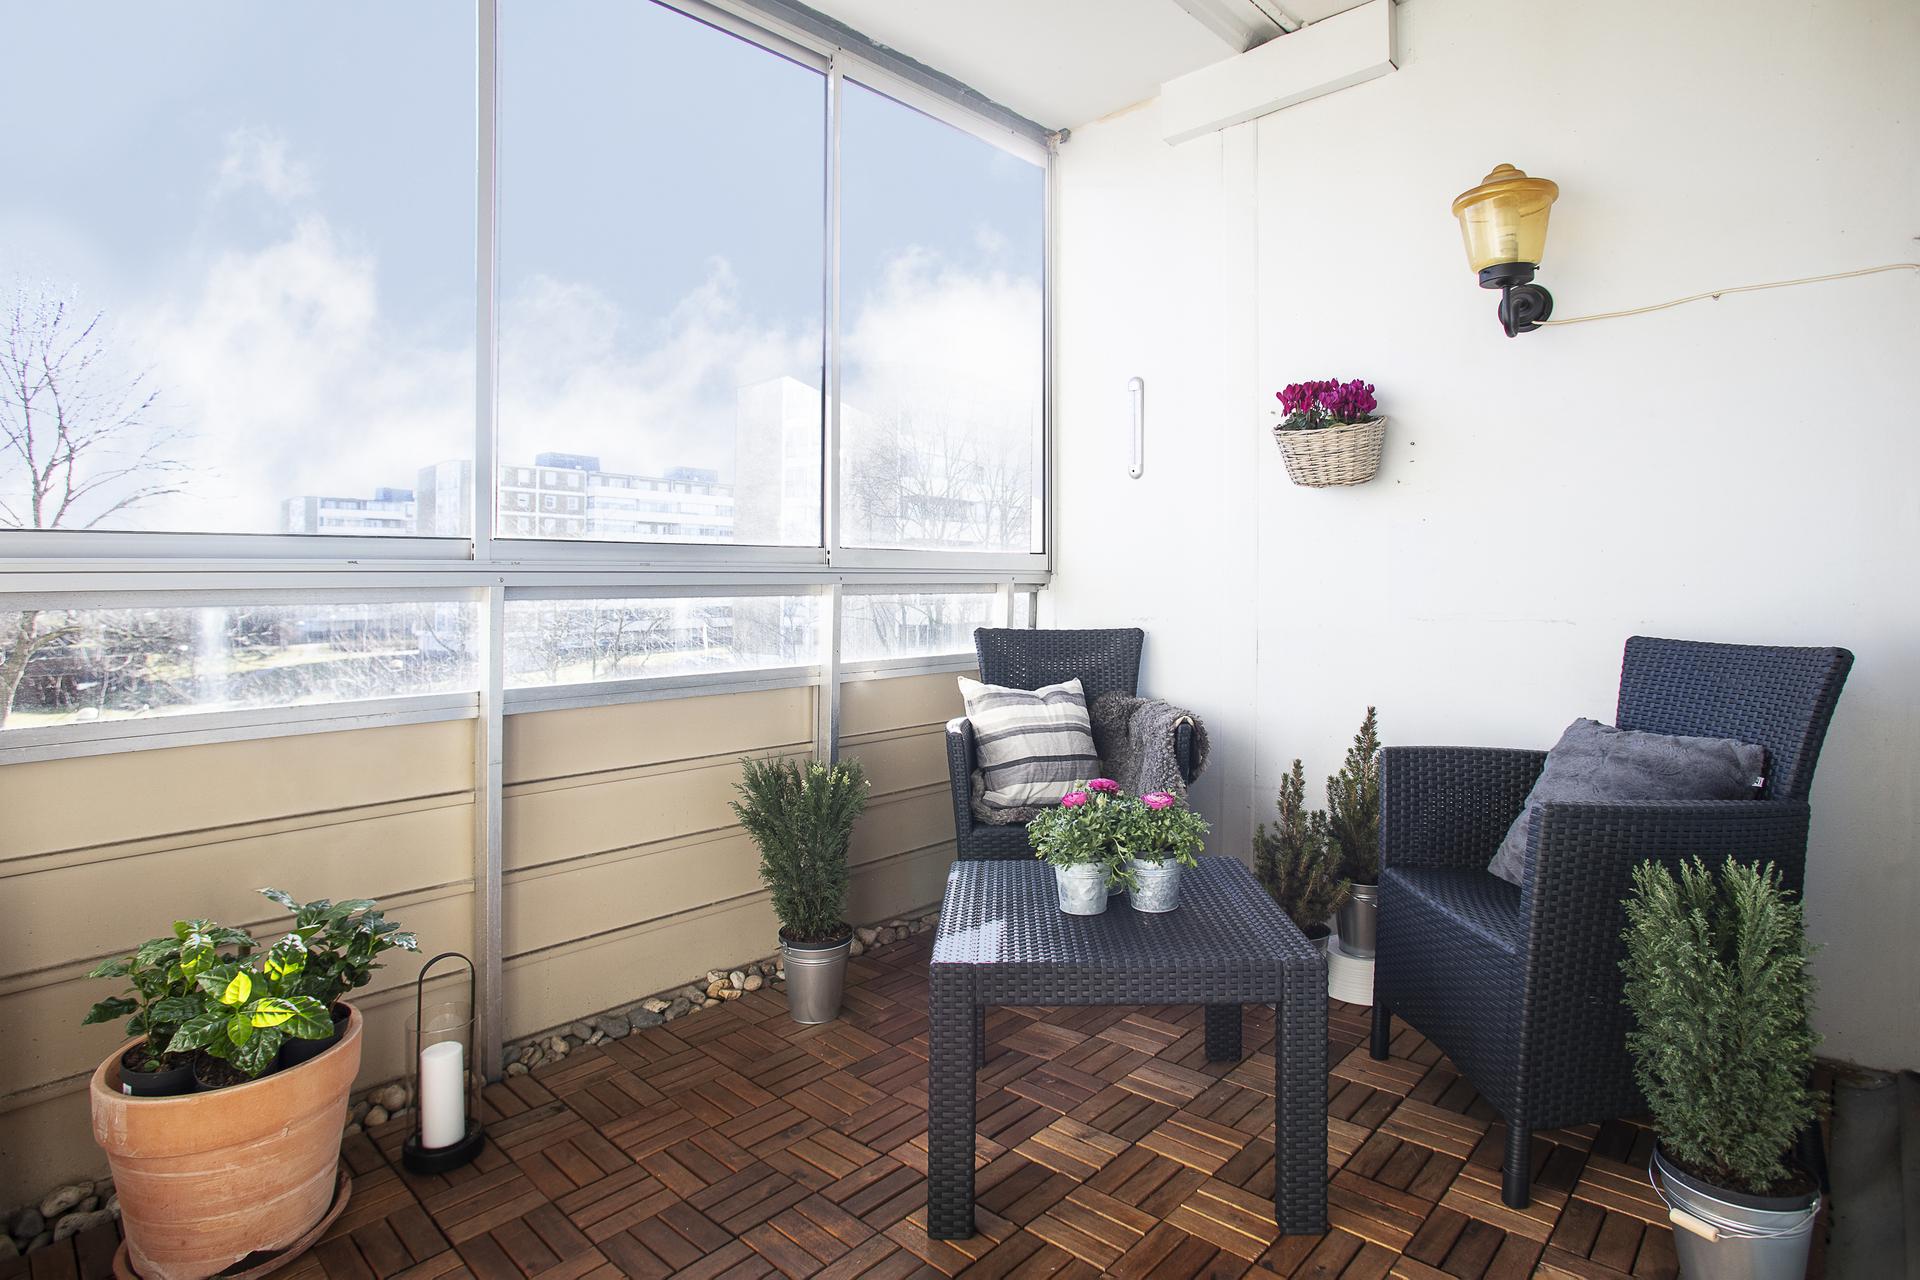 Den inglasade balkongen har trätrall på golvet